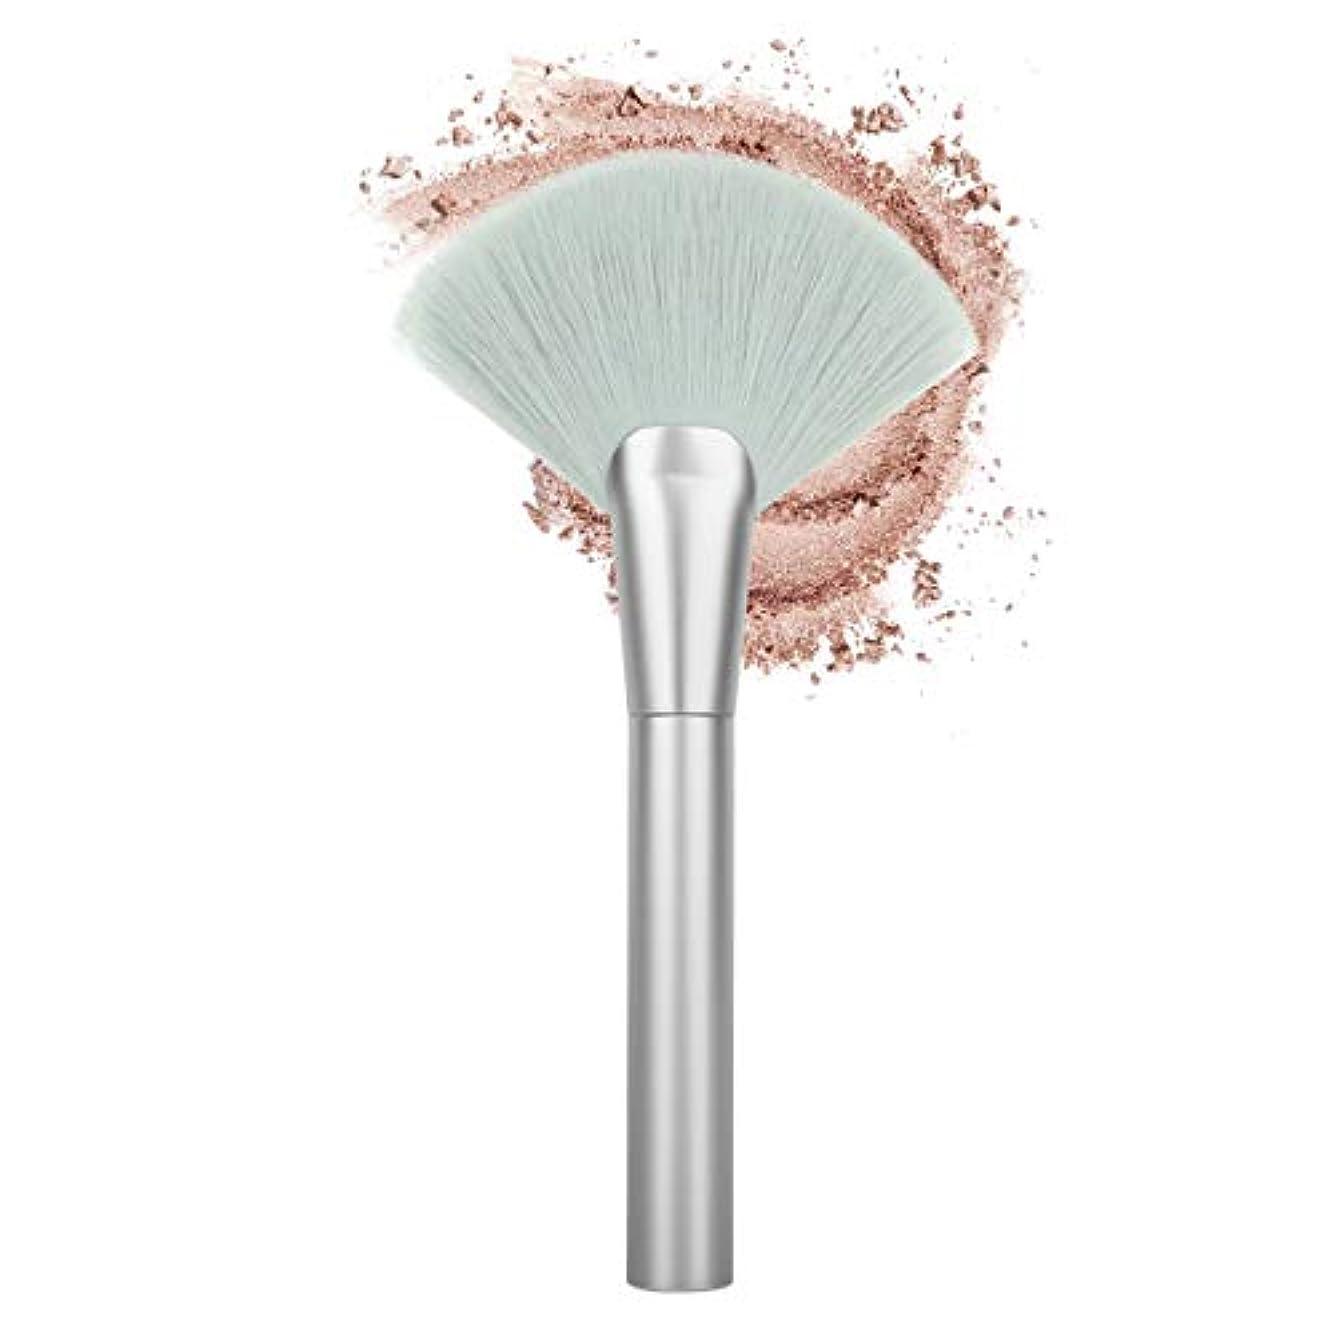 酸度指歩行者Luxspire メイクブラシ 化粧 ブラシ 1本 ファンデーションブラシ シャドウ フェイスブラシ 高級 化粧筆 扇形 ふわふわ 敏感肌適用 高級タクロン 清らか 緑銀色